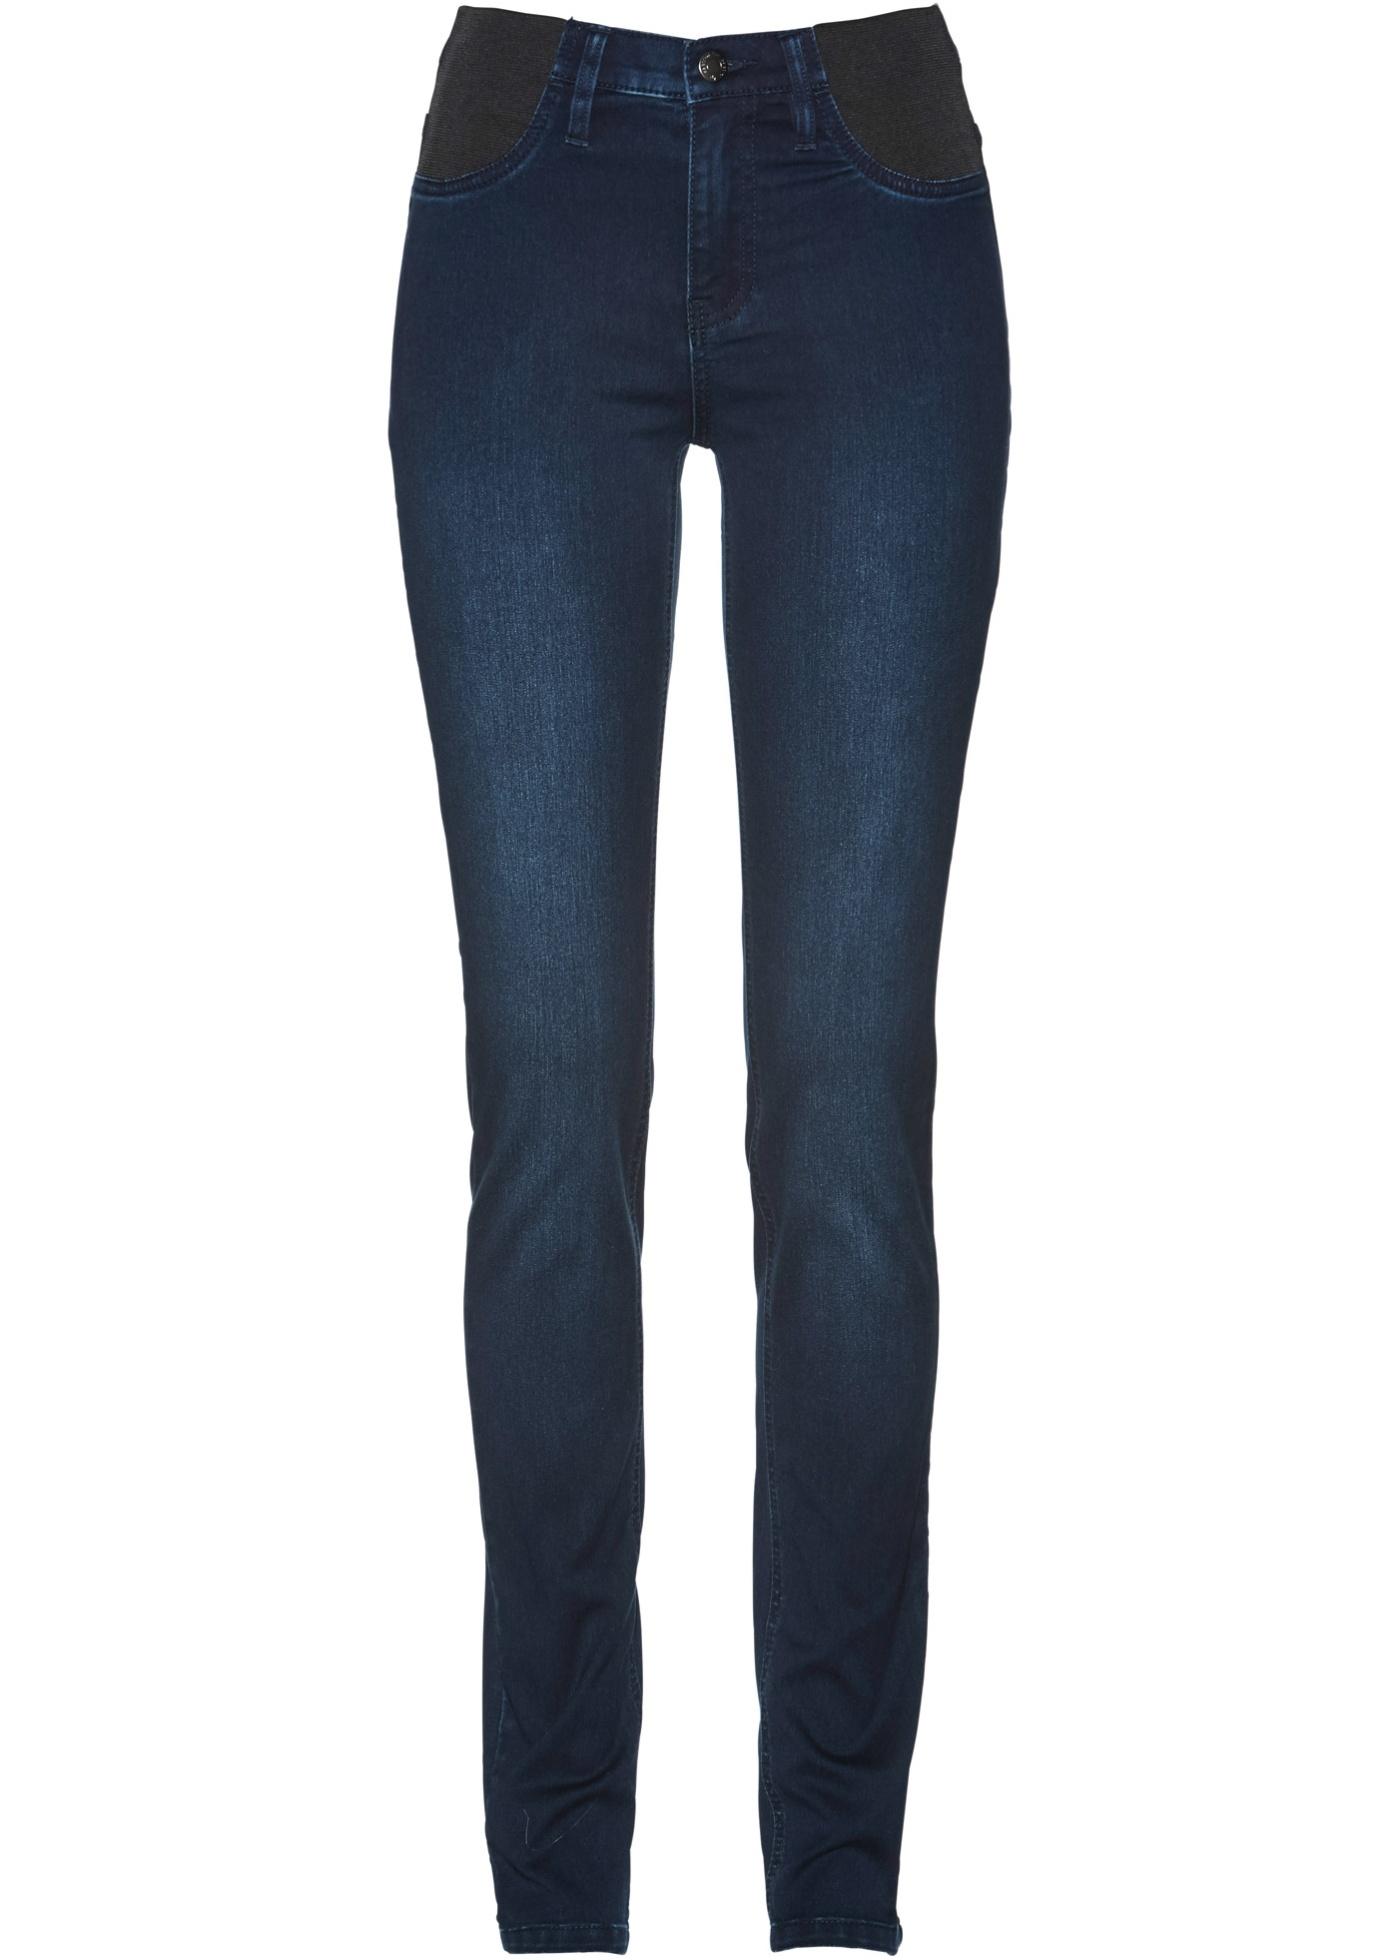 Bonprix SE - Jeans med bekväm midja 299.00